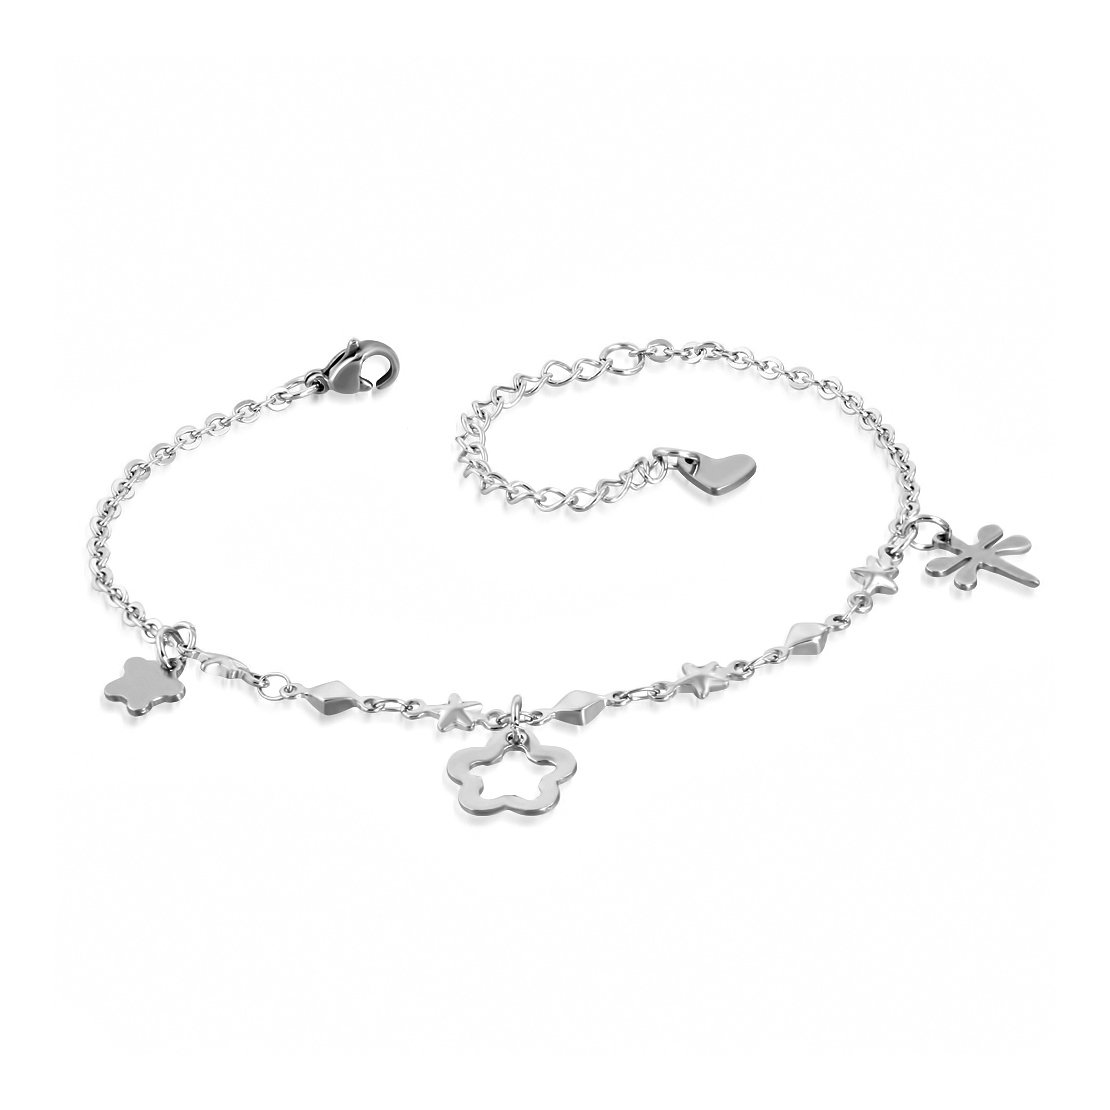 Acier inoxydable Libellule Fleur étoile Charm Extender Chaîne Bracelet/bracelet de cheville NRG Steel Jewellery 205-WJG289